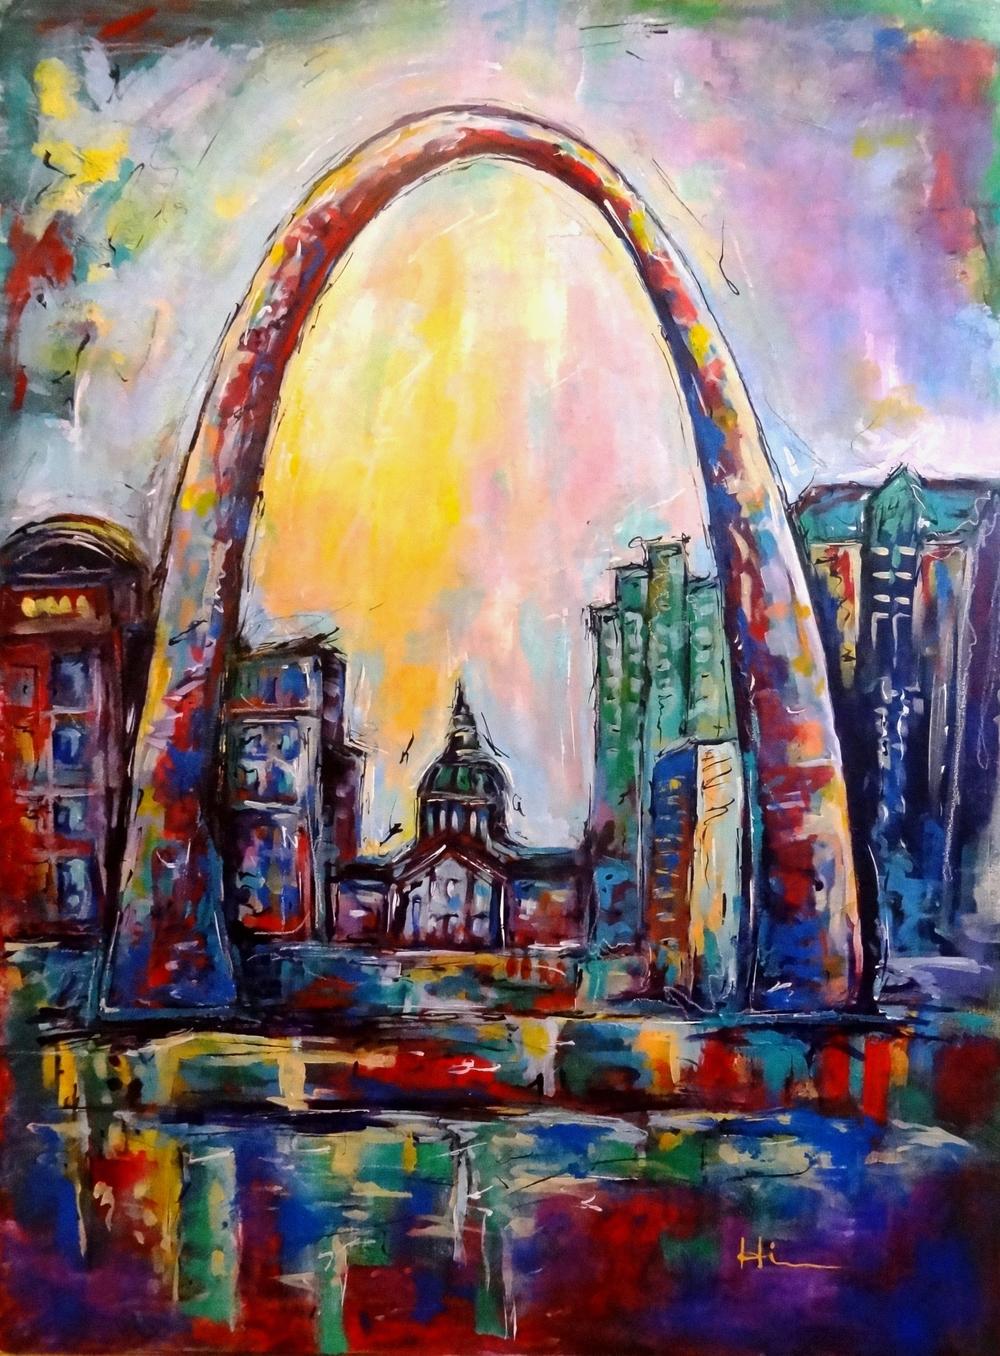 'St. Louis Arch'